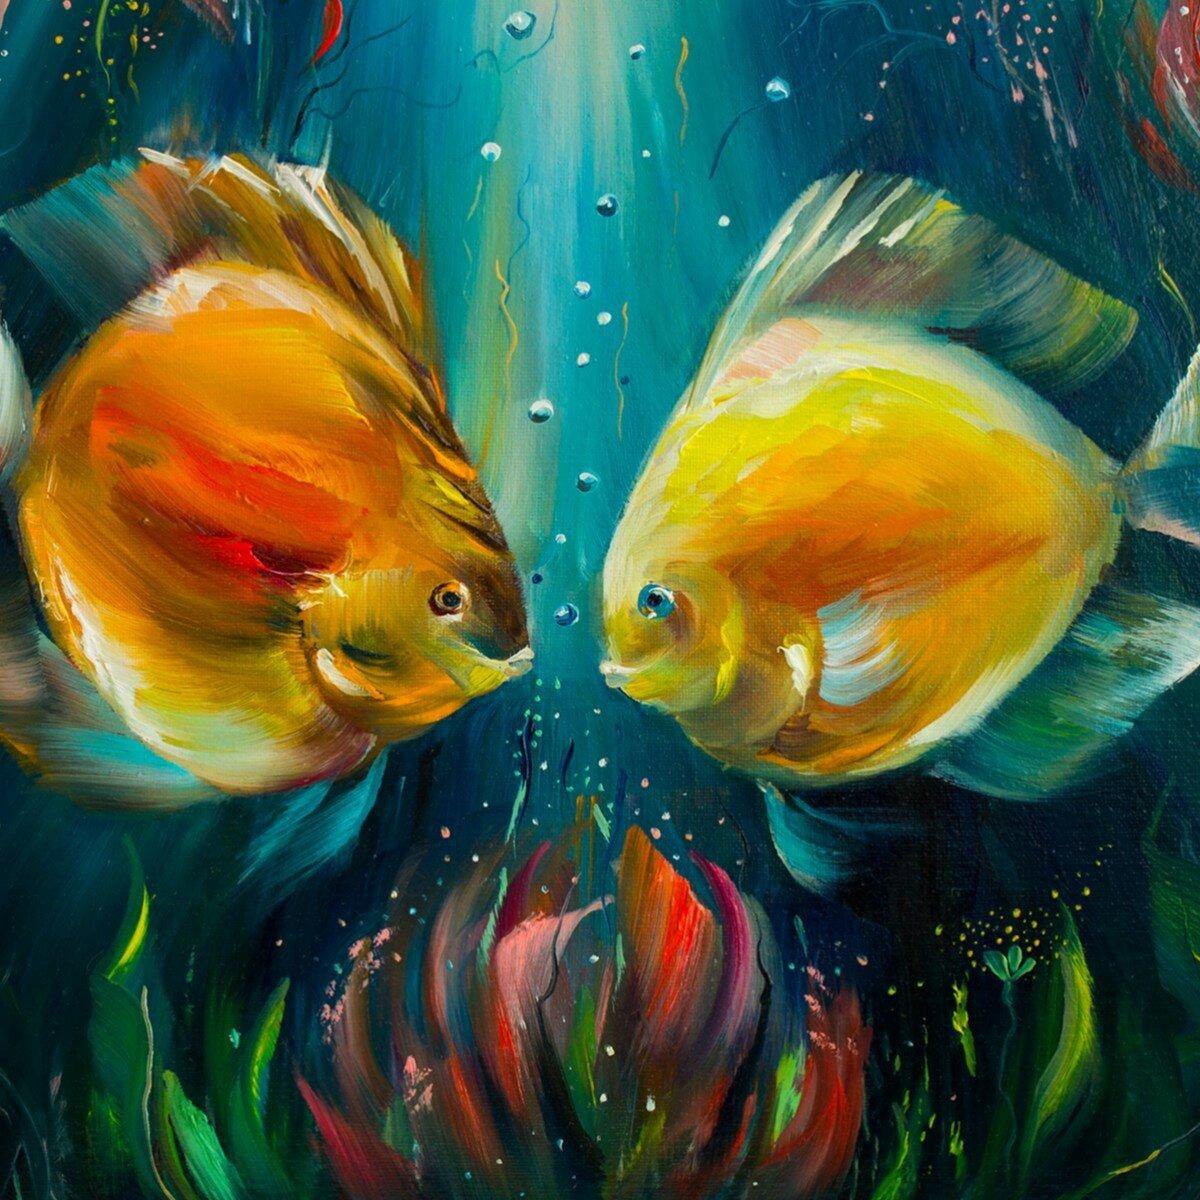 наверняка картинки маслом подводного мира нежно-сиреневыми